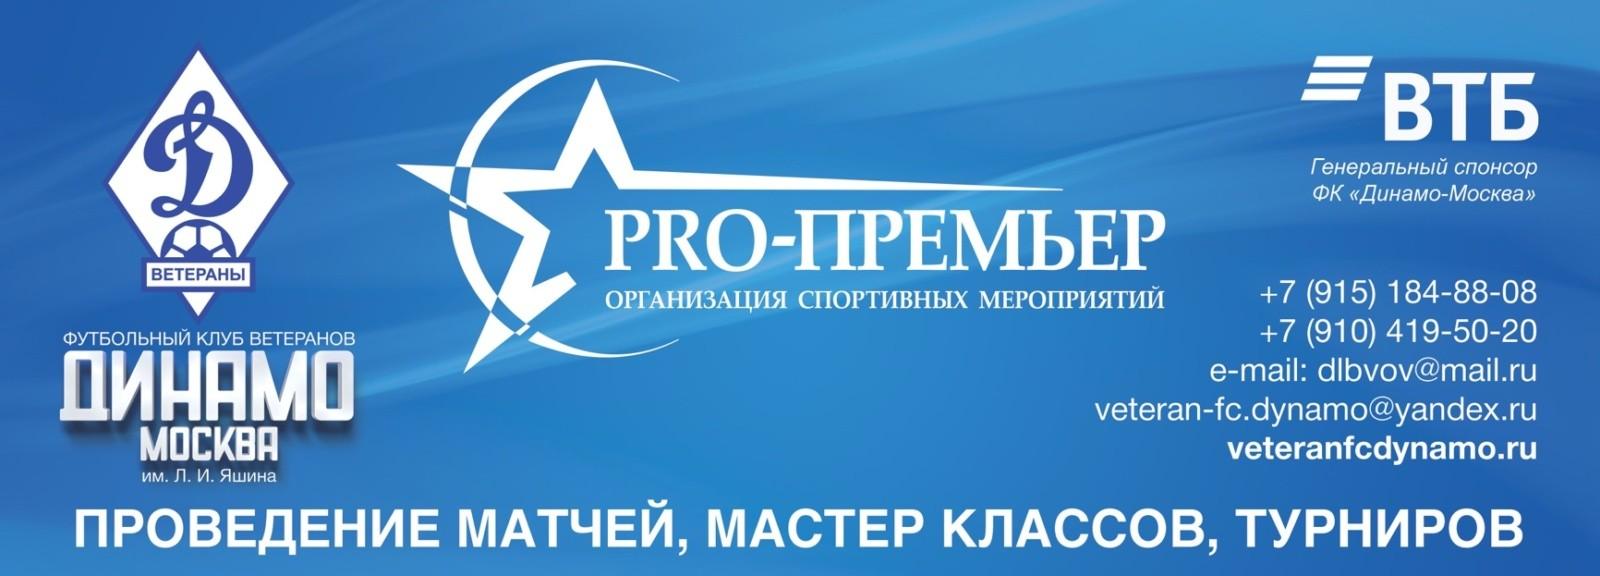 PRO-ПРЕМЬЕР Организация спортивных мероприятий